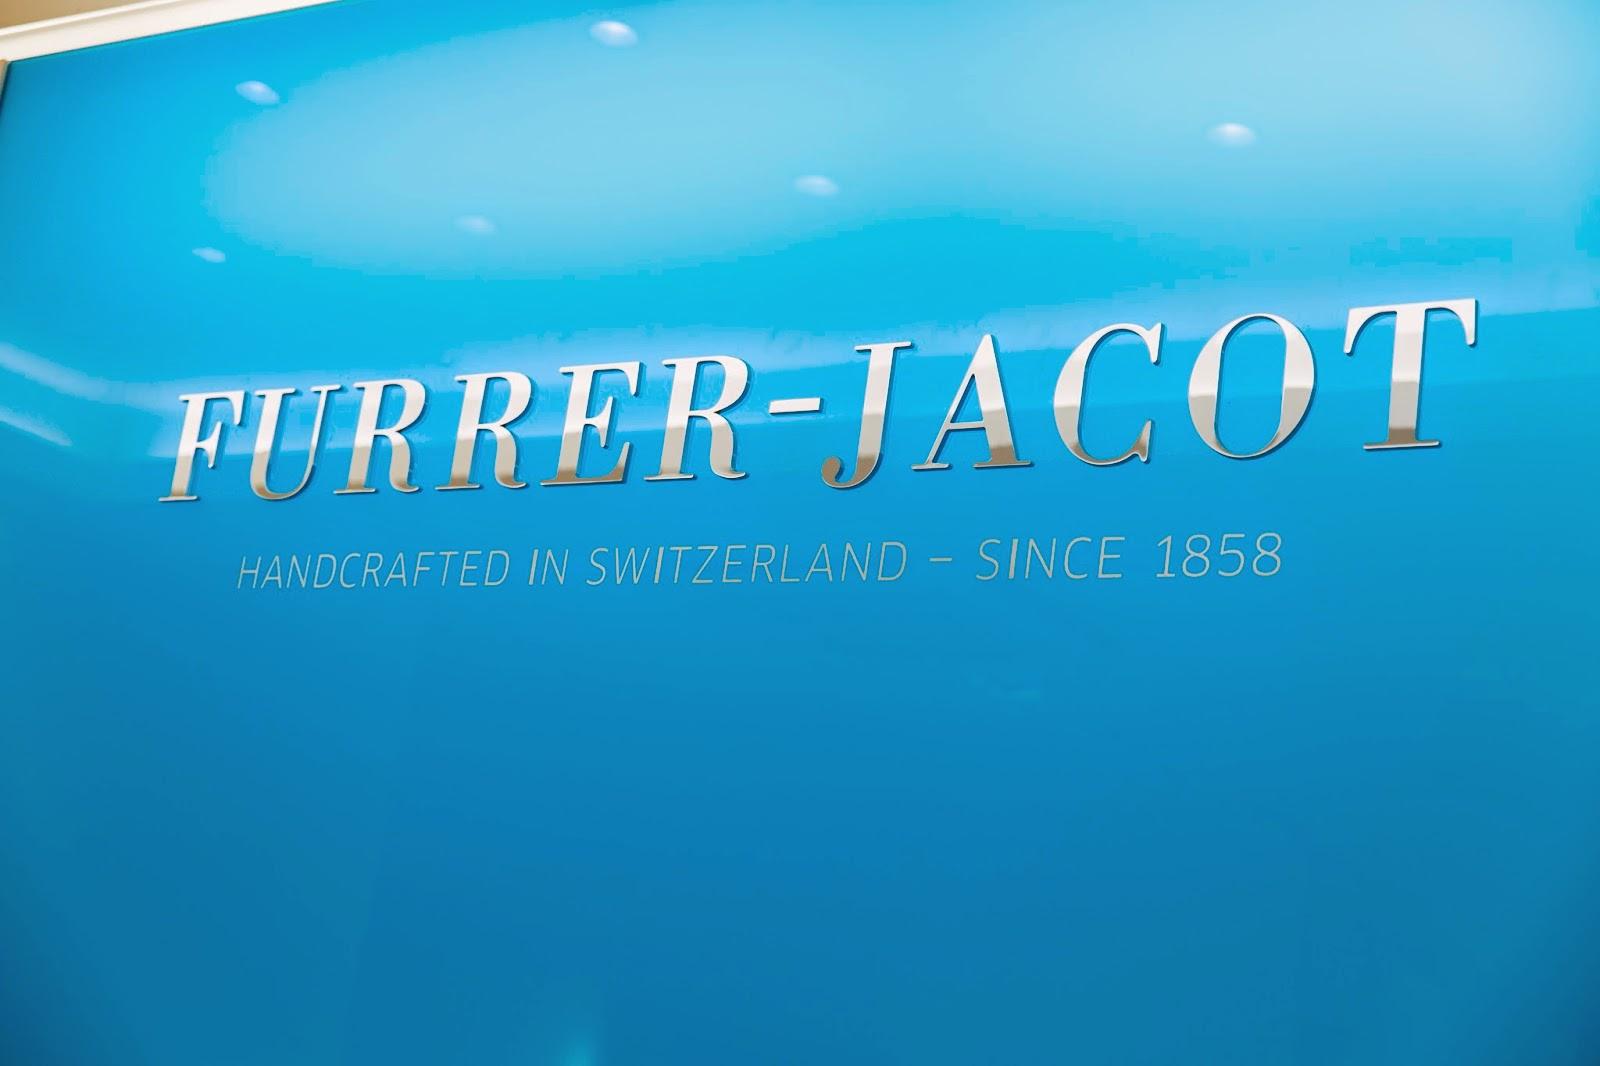 FURRER JACOT フラージャコー ピコ 名古屋 結婚指輪 婚約指輪 鍛造 gallery